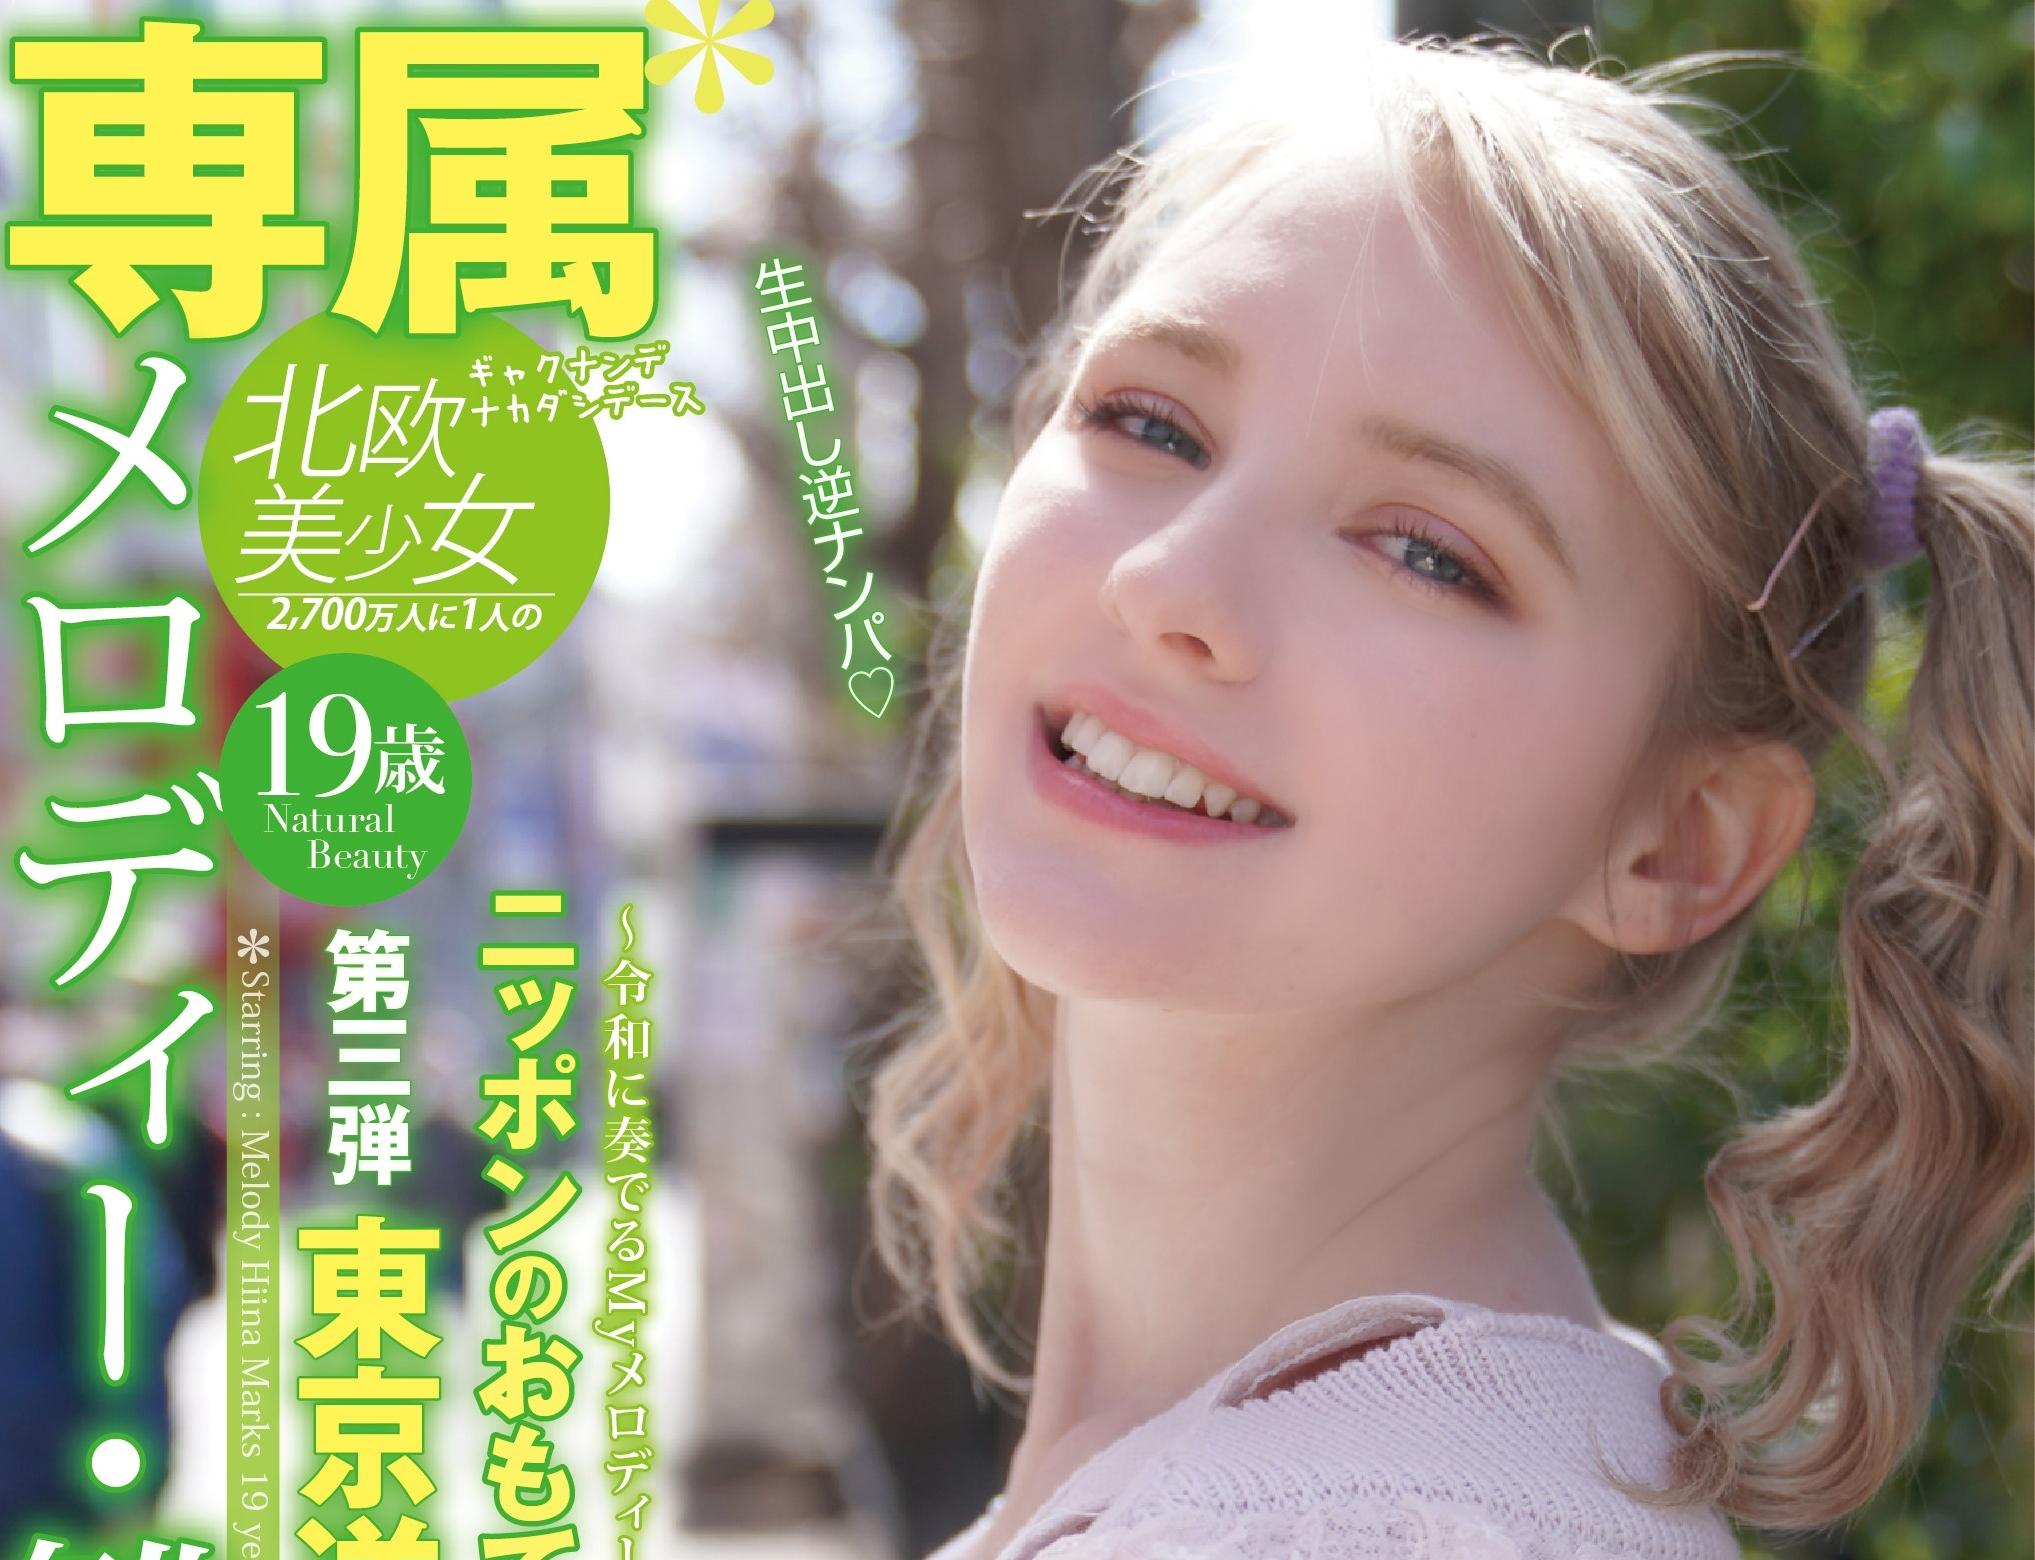 メロディー・雛・マークス1